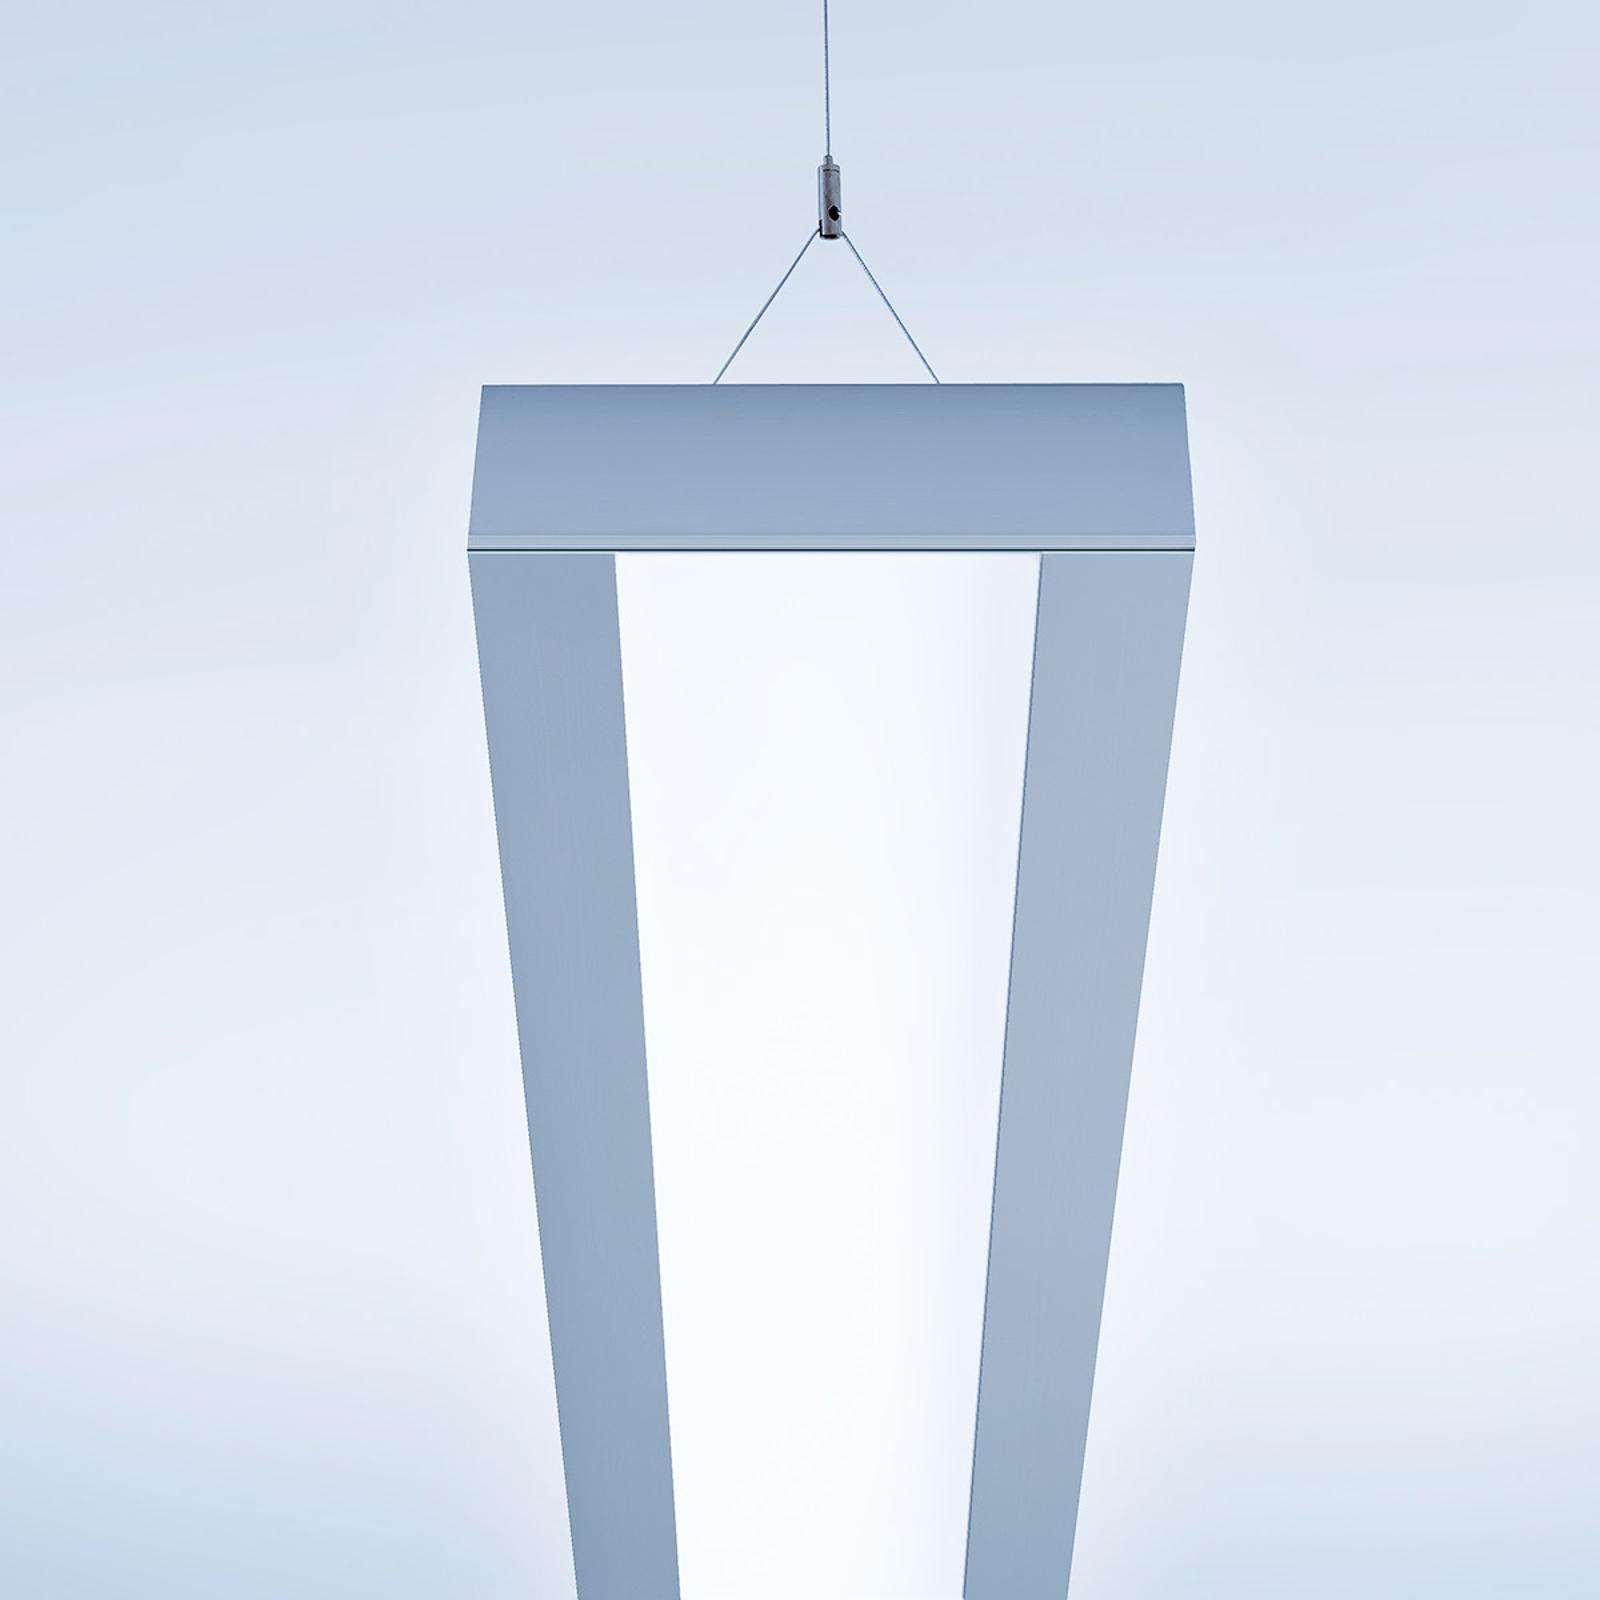 Moderni LED-riippuvalaisin Vision-P2 176,5 cm 90 W